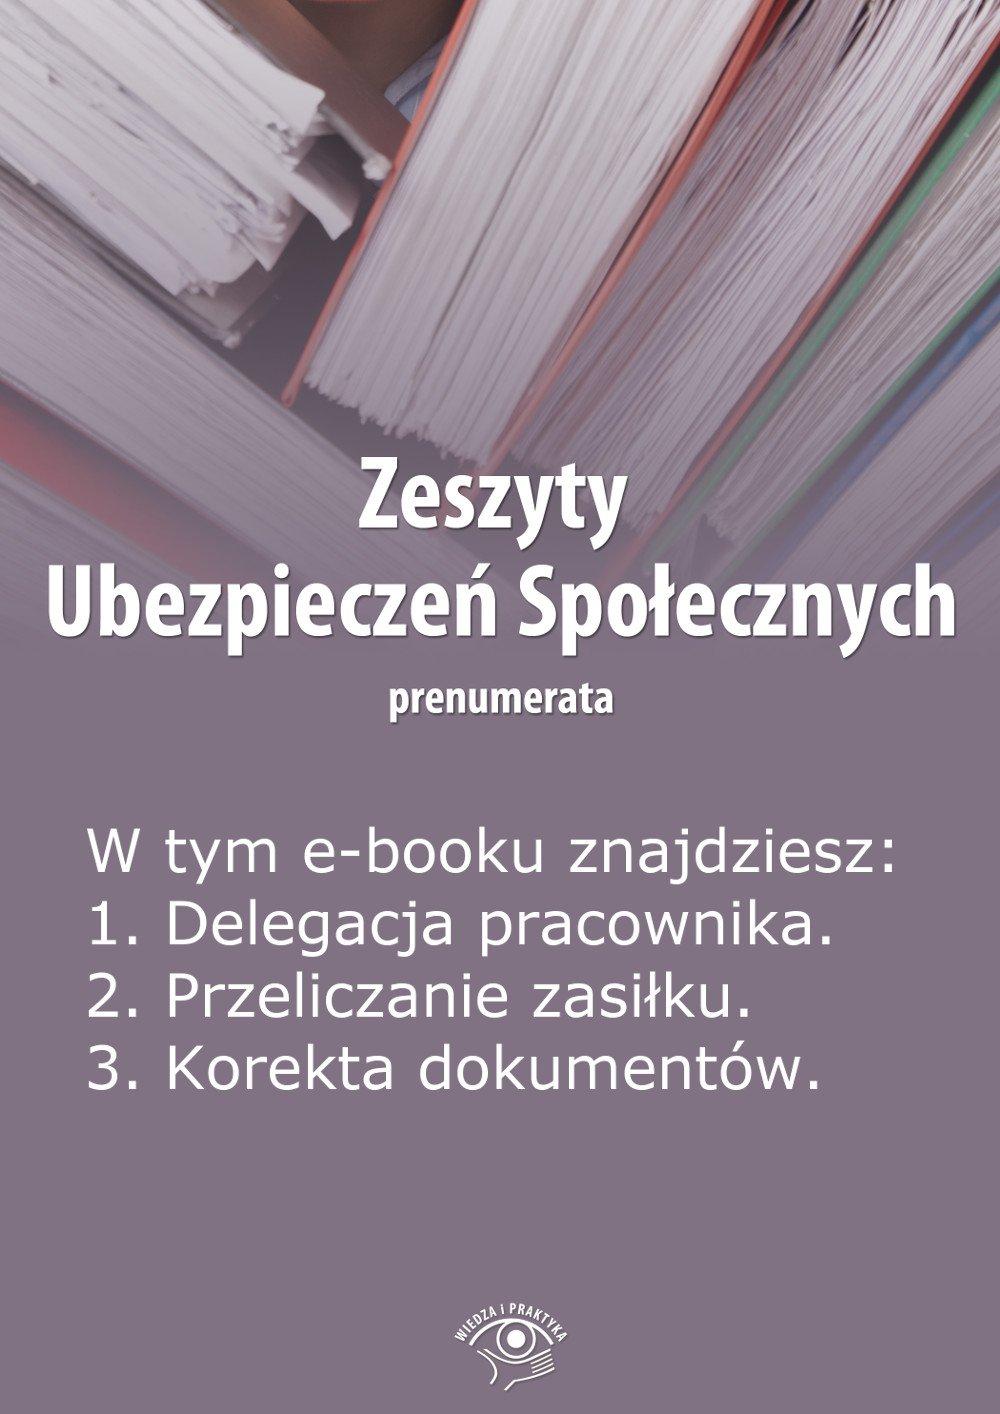 Zeszyty Ubezpieczeń Społecznych. Wydanie kwiecień 2014 r. - Ebook (Książka PDF) do pobrania w formacie PDF